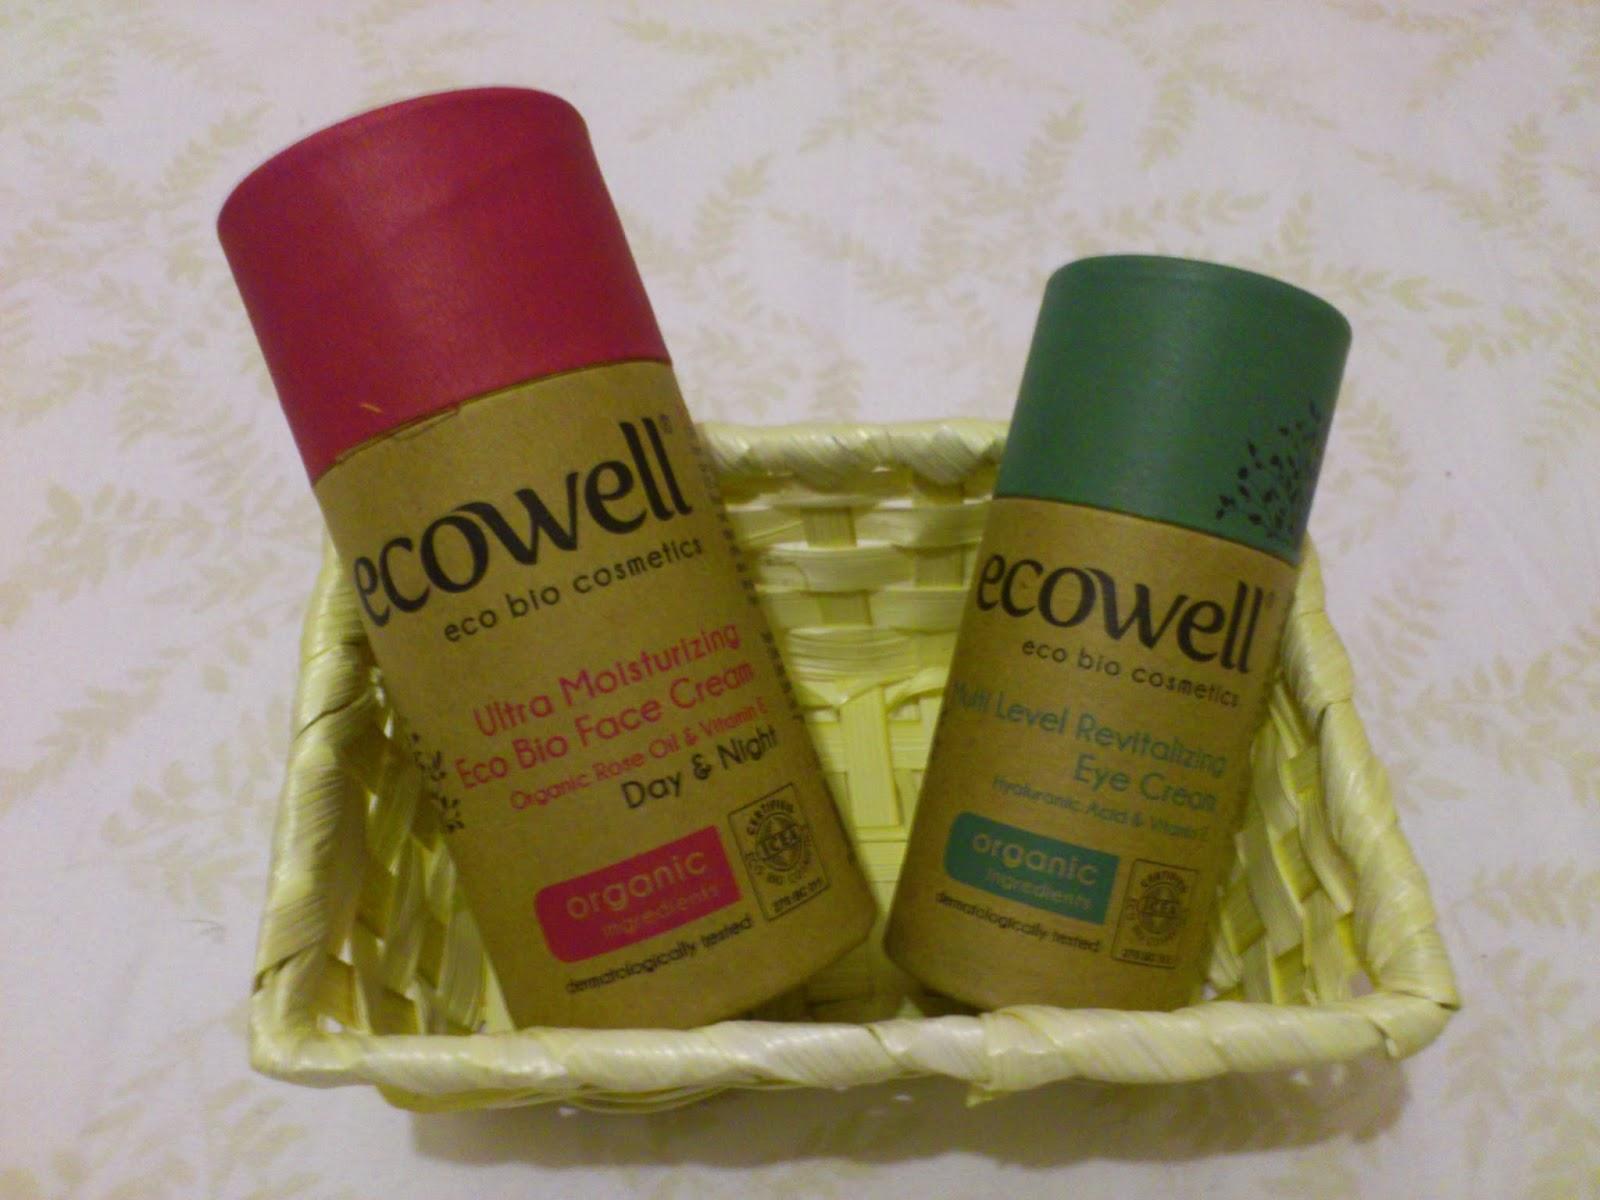 Ecowell Eco Bio Face Cream & Eye Cream